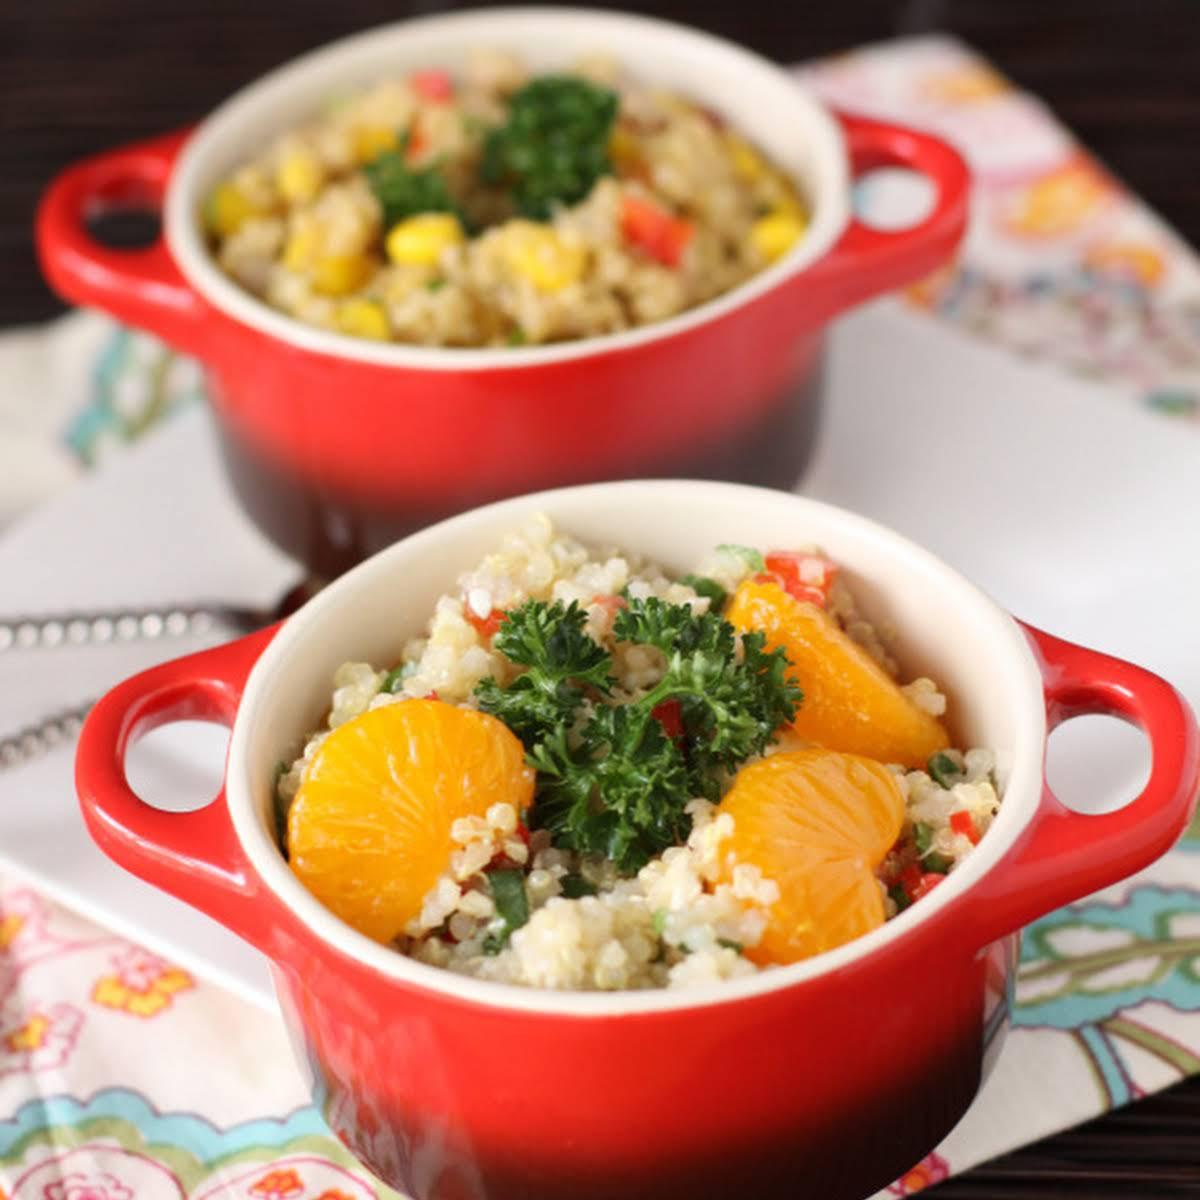 Feta Mandarin Asian Quinoa Salad